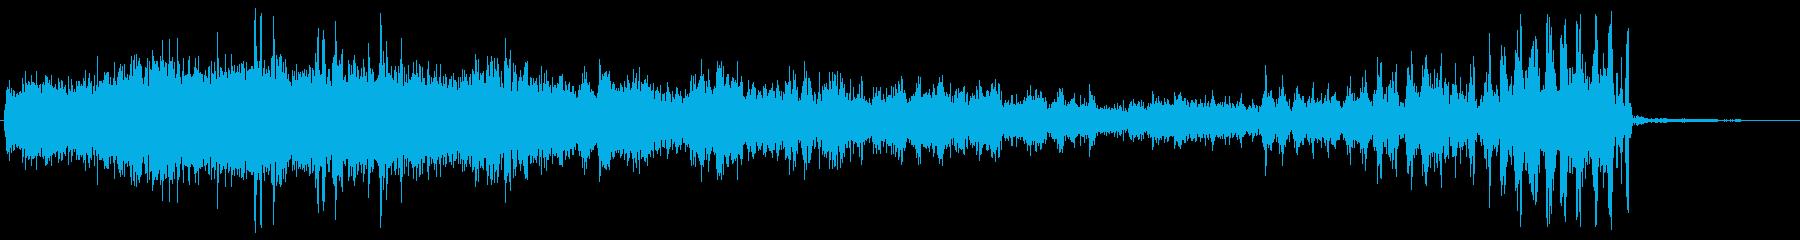 ミニロボットパワーアップ、シンセ、...の再生済みの波形